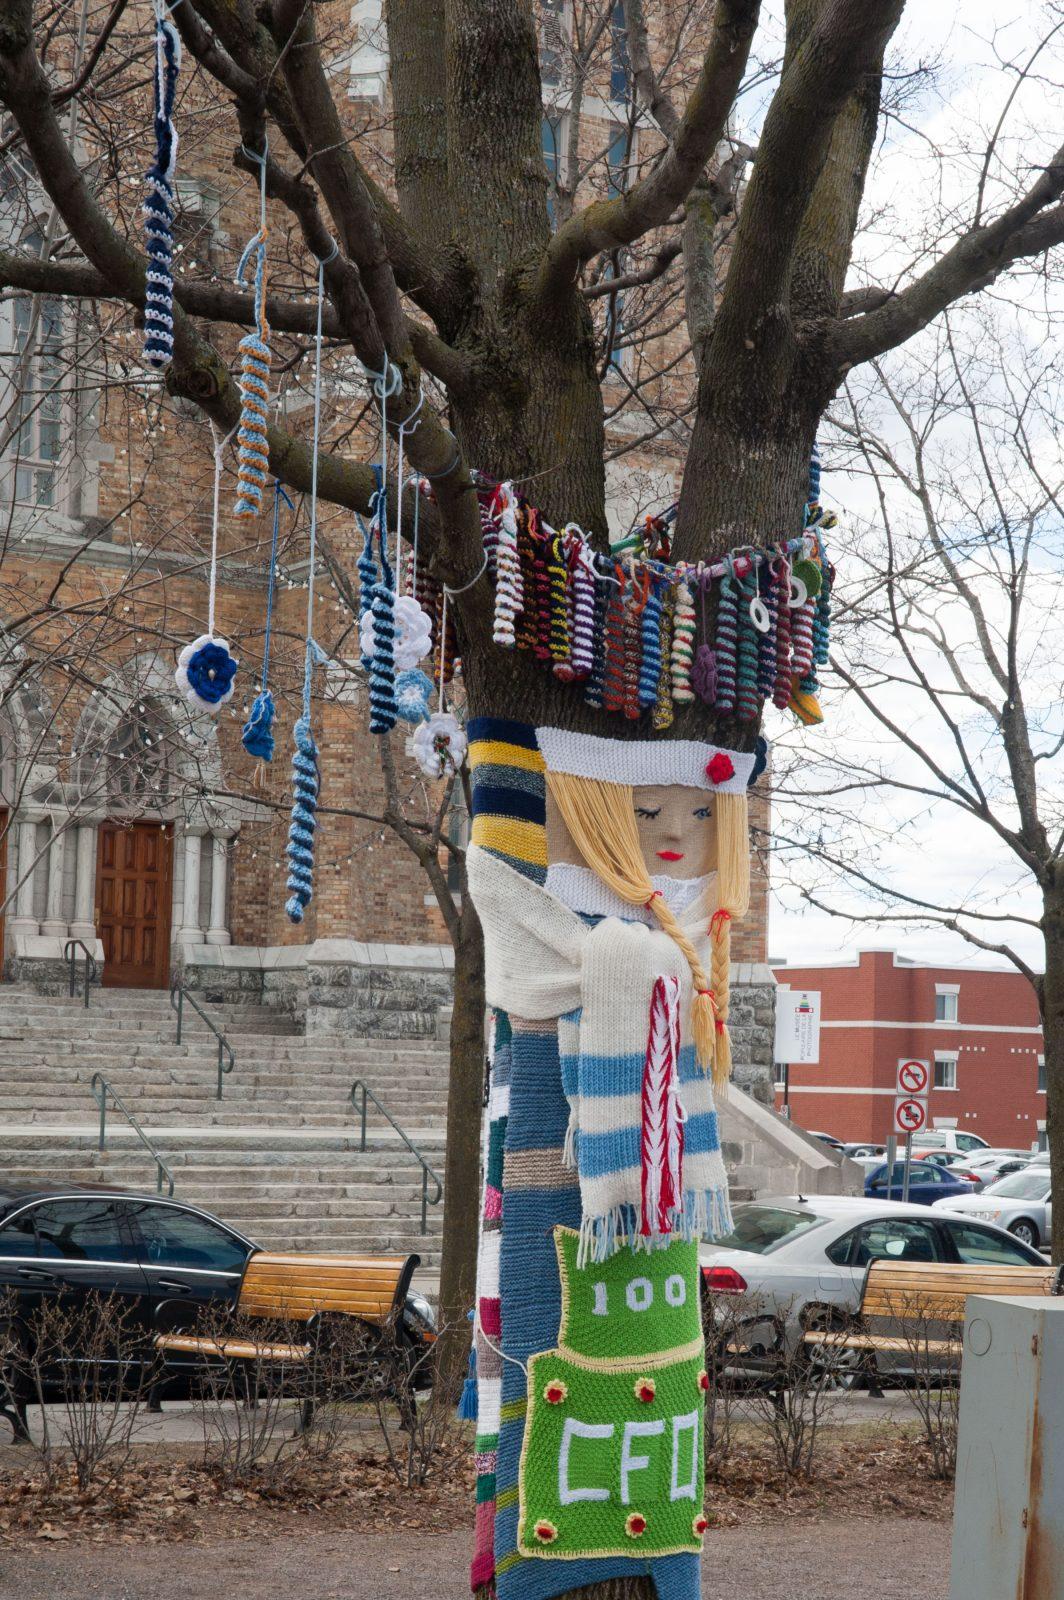 Des arbres ornés de tricots graffitis